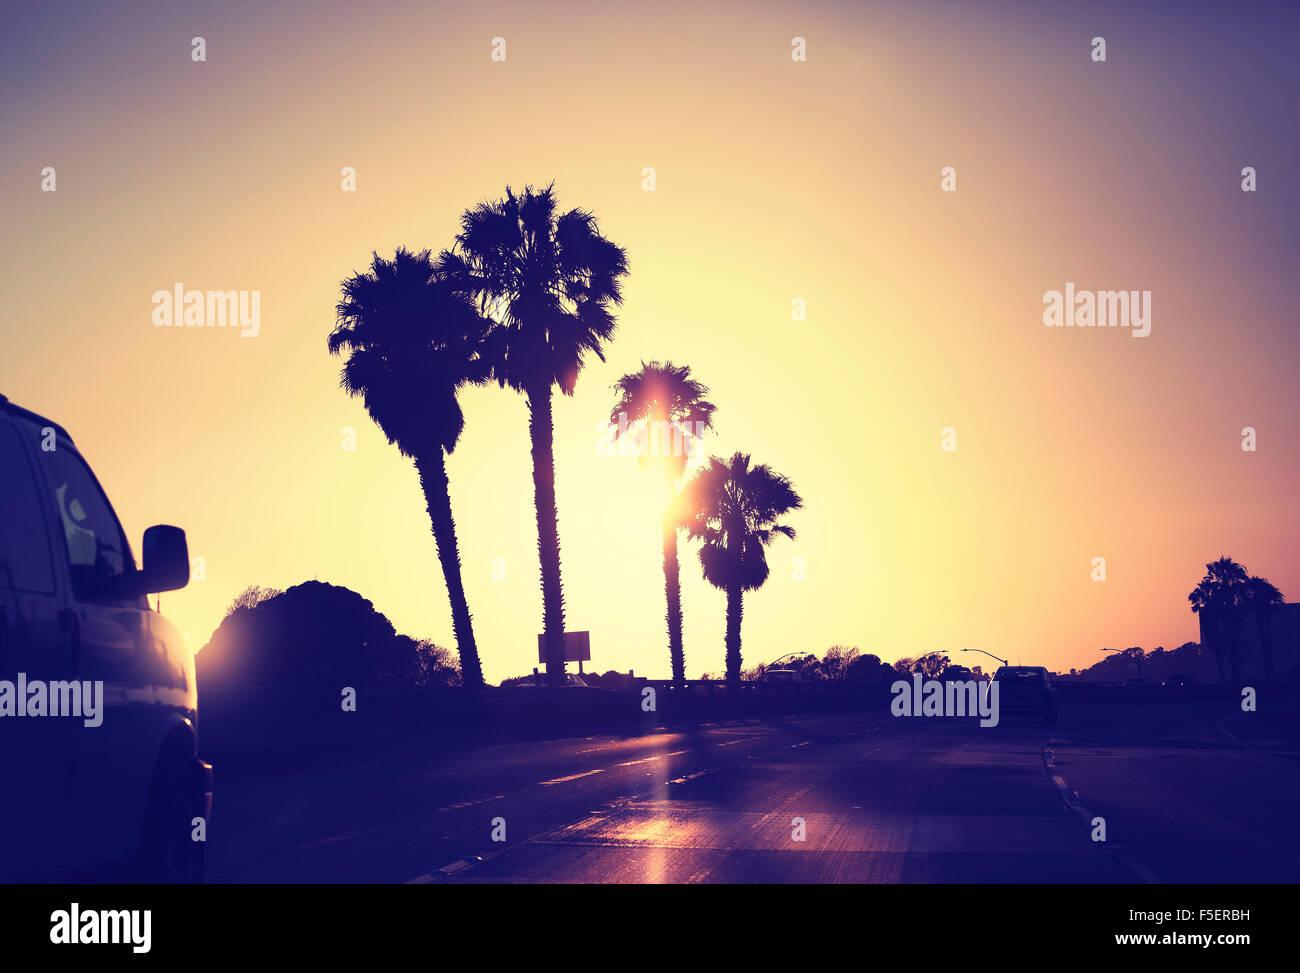 Imagen estilizada vintage de carretera contra el atardecer, California, USA. Foto de stock